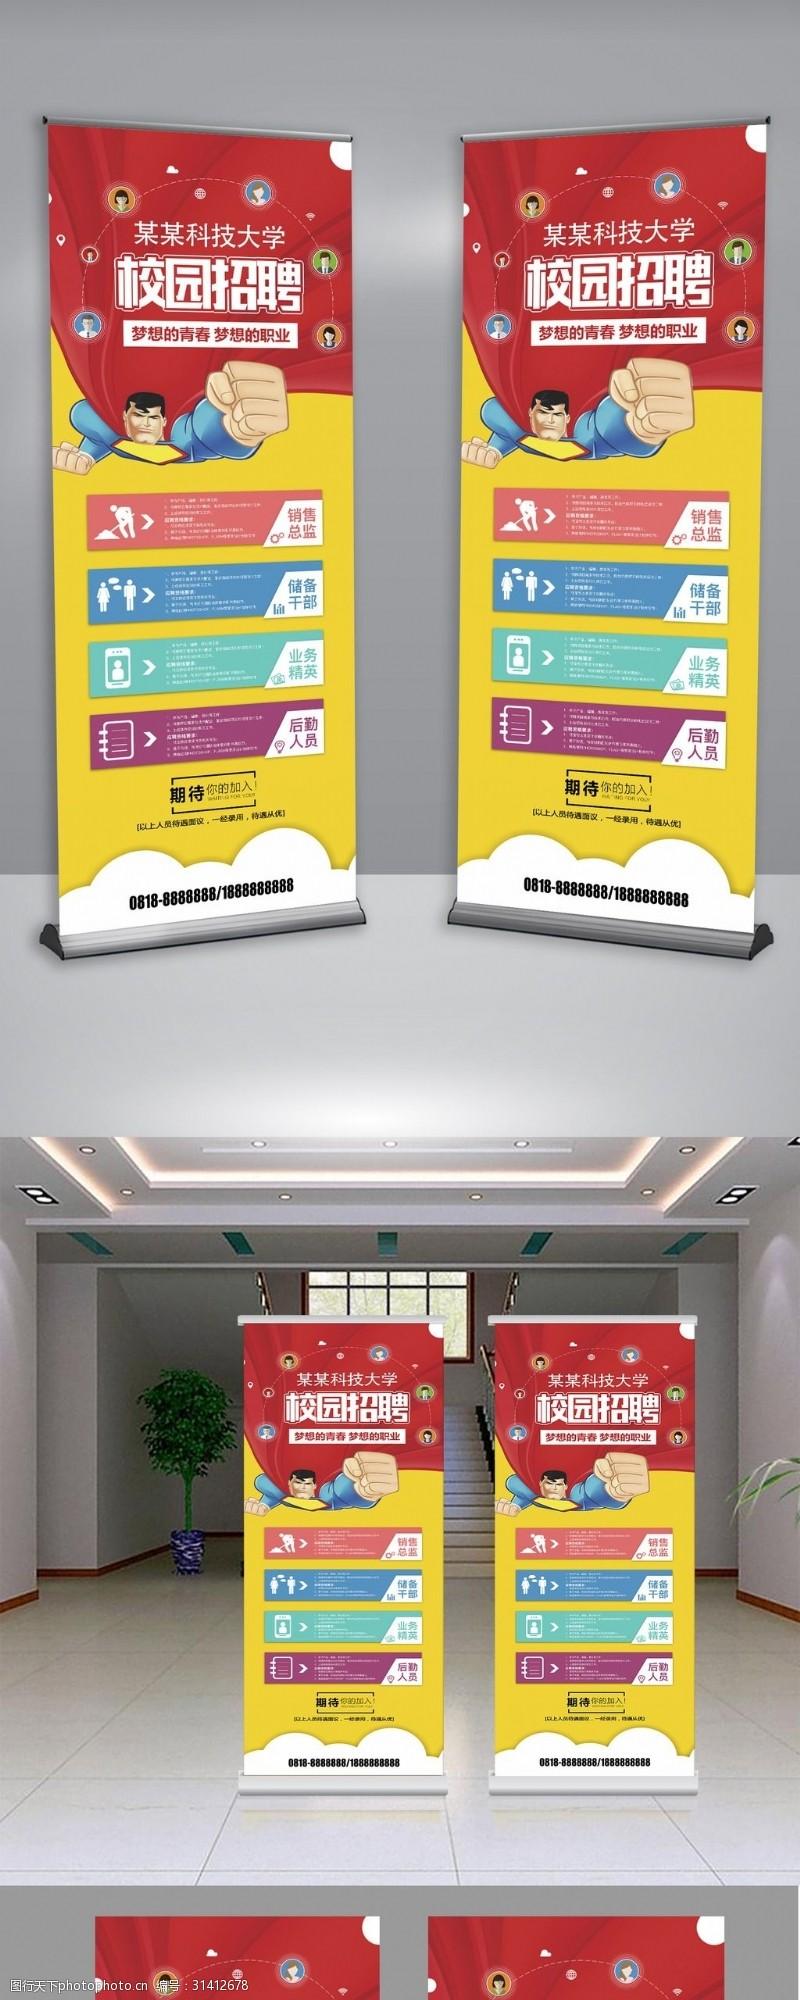 企业招聘易拉宝简约时尚扁平化校园招聘展架易拉宝设计